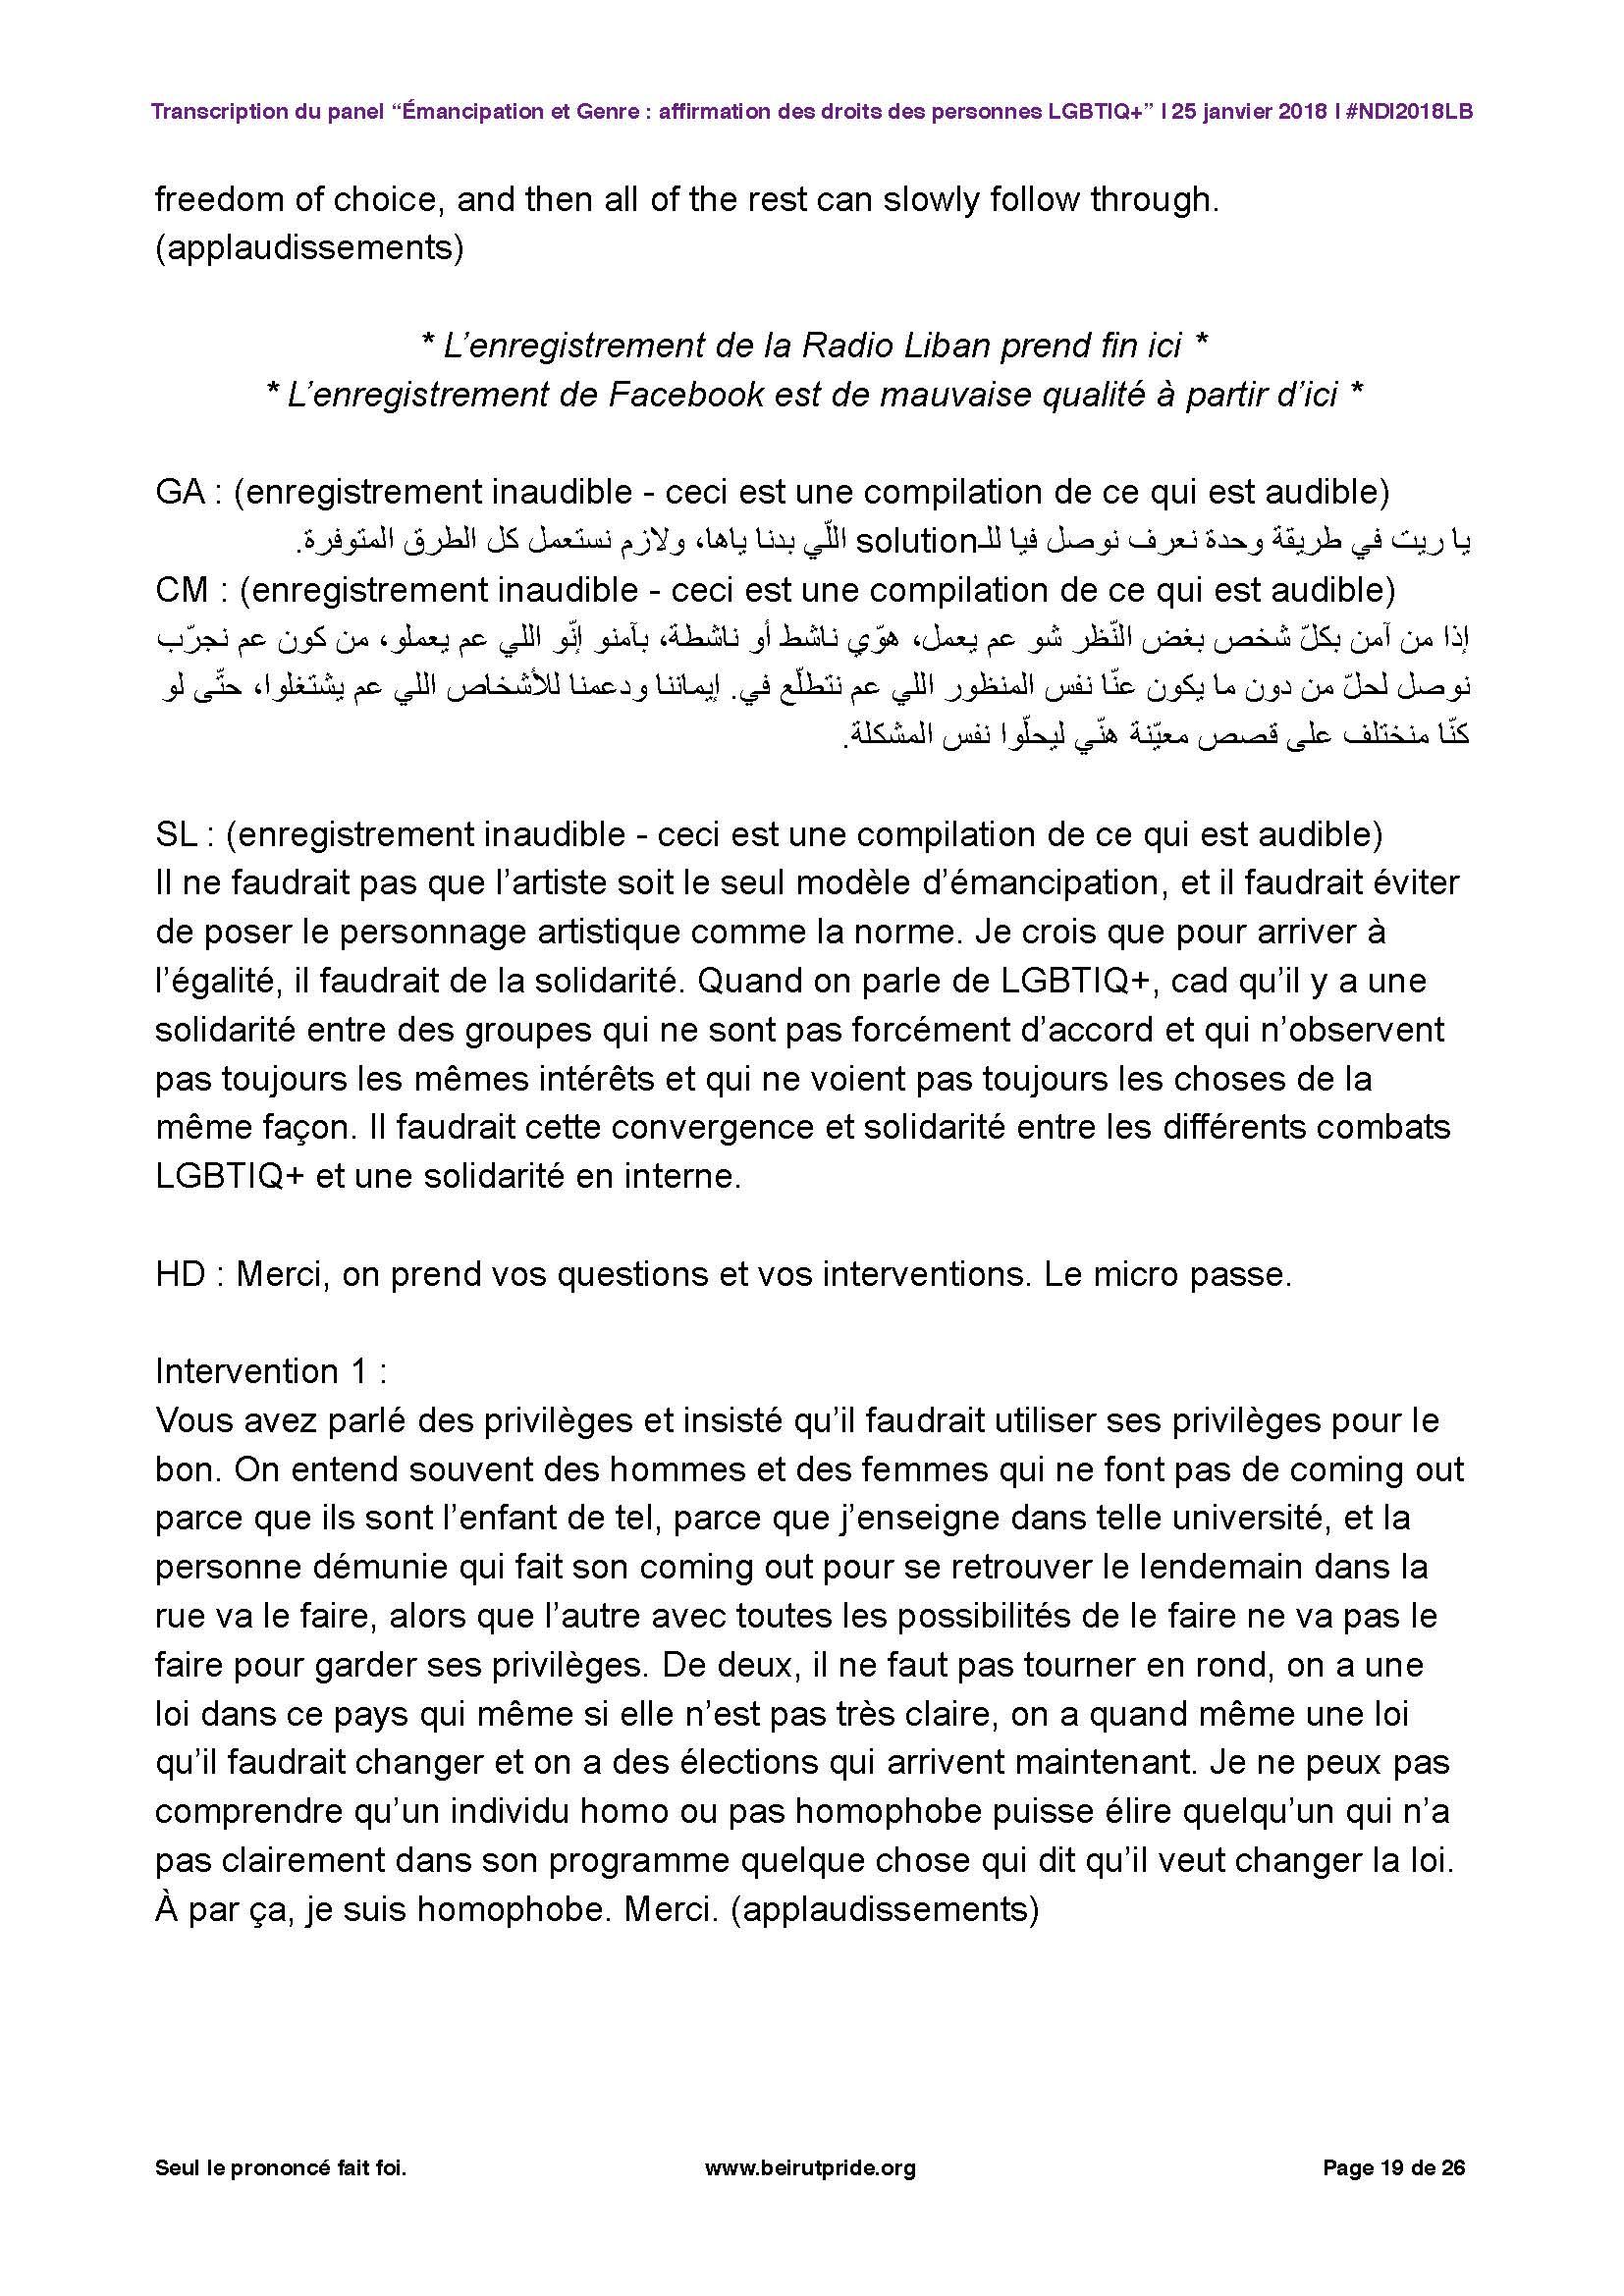 Transcription Nuit des idées 2018_Page_19.jpg